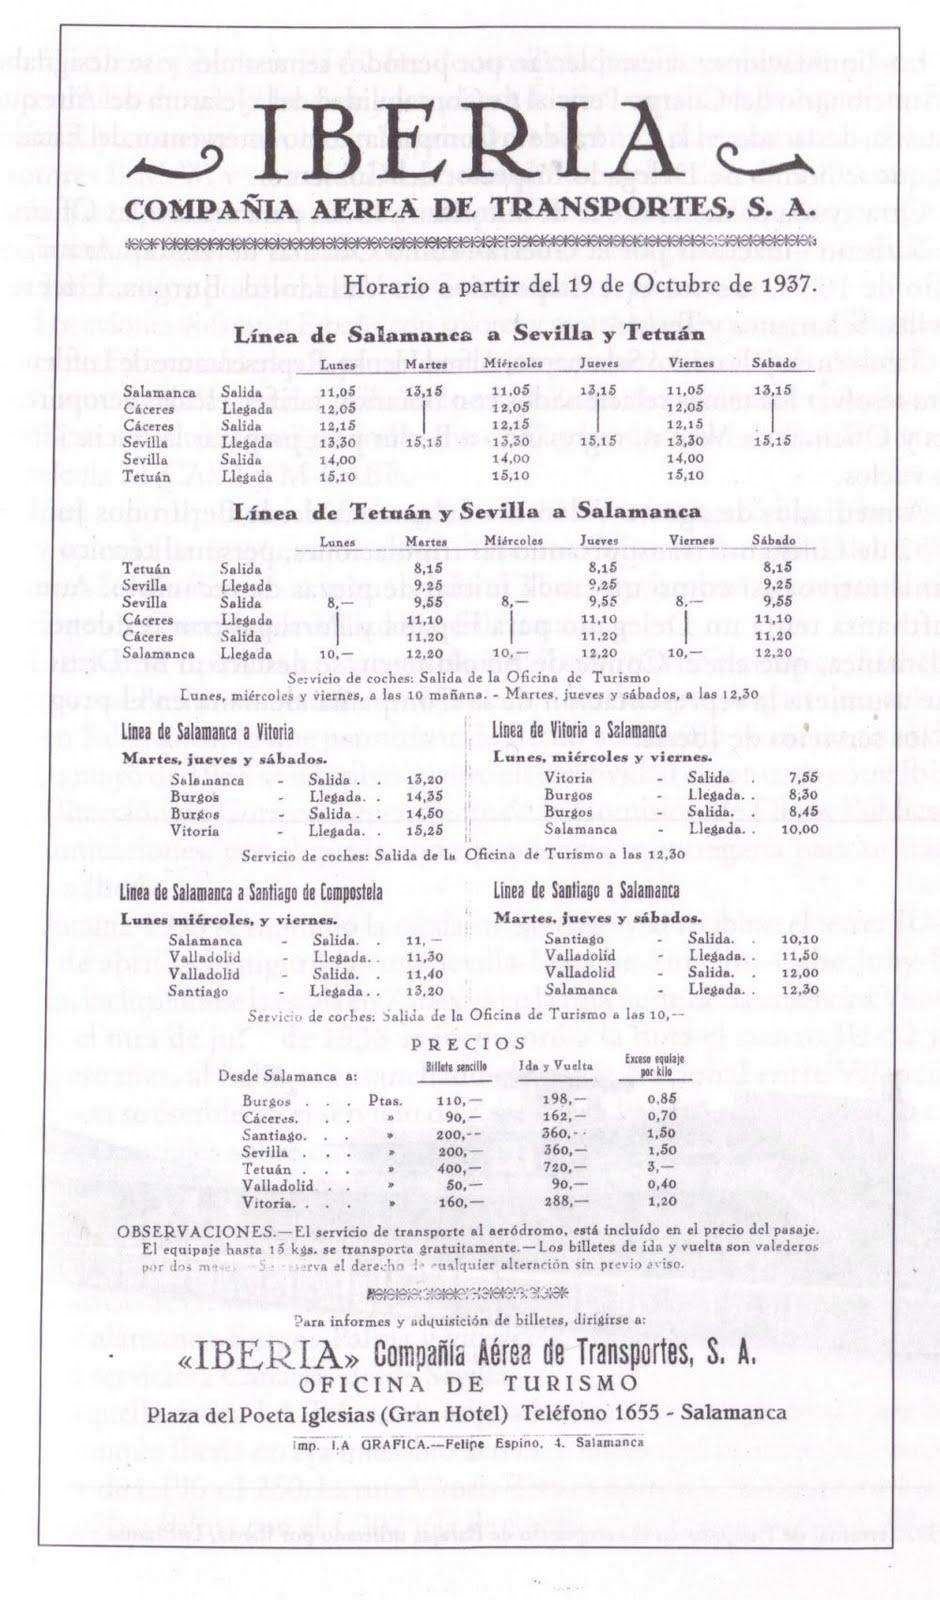 Rutas, horarios y tarifa de Iberia, vigente a partir de octubre de 1937. La imagen procede del libro Aquella IBERIA que hemos vivido: cronología de seis décadas, junio 1927-junio 1987, de Juan Viniegra Velasco, editado en 1996.